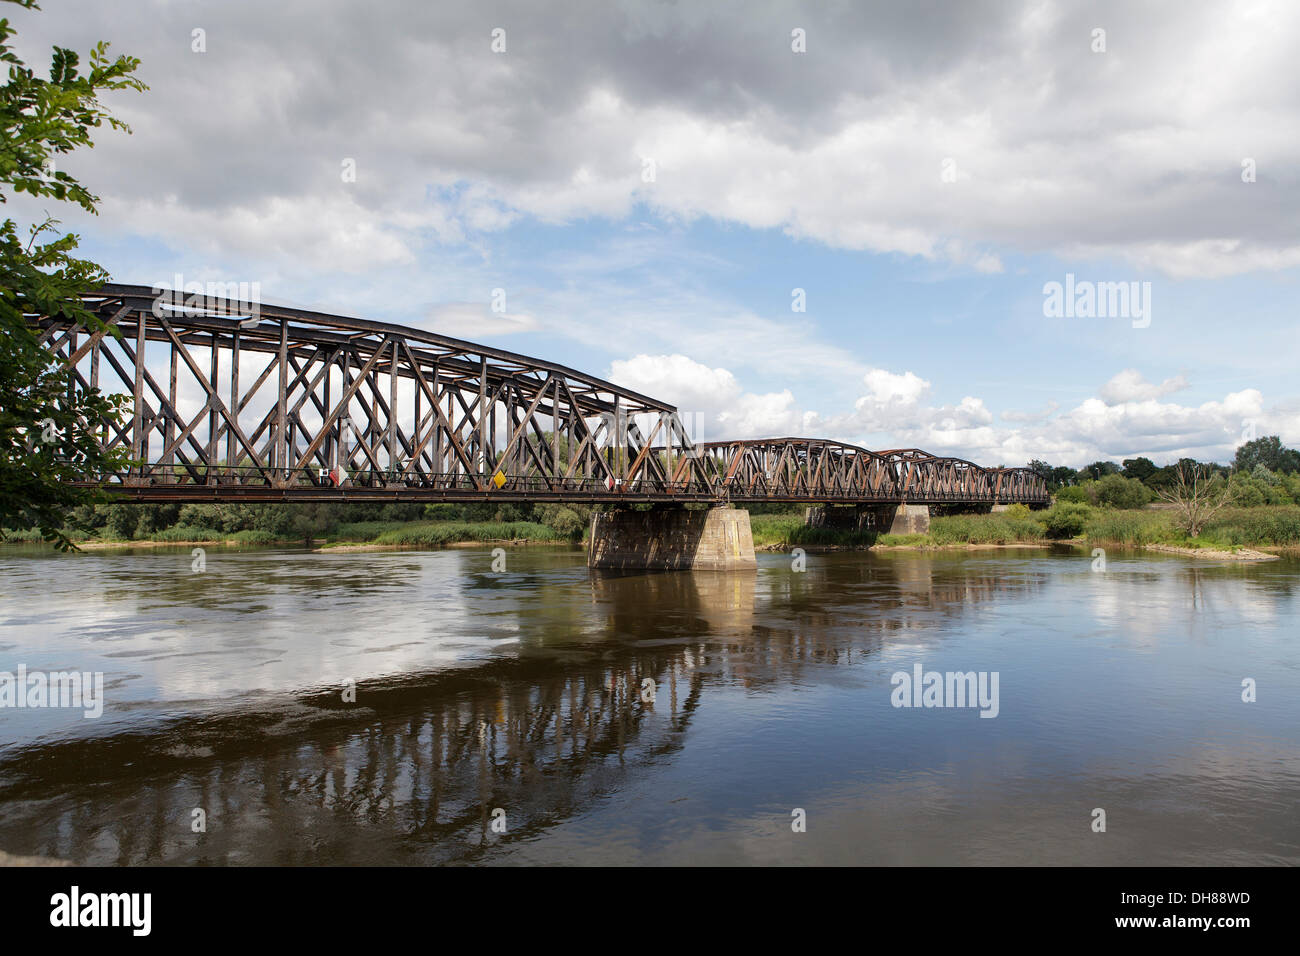 Puente ferroviario sobre el río fronterizo Oder, frontera germano-polaca, a Kostrzyn Kuestrin, Brandeburgo Imagen De Stock